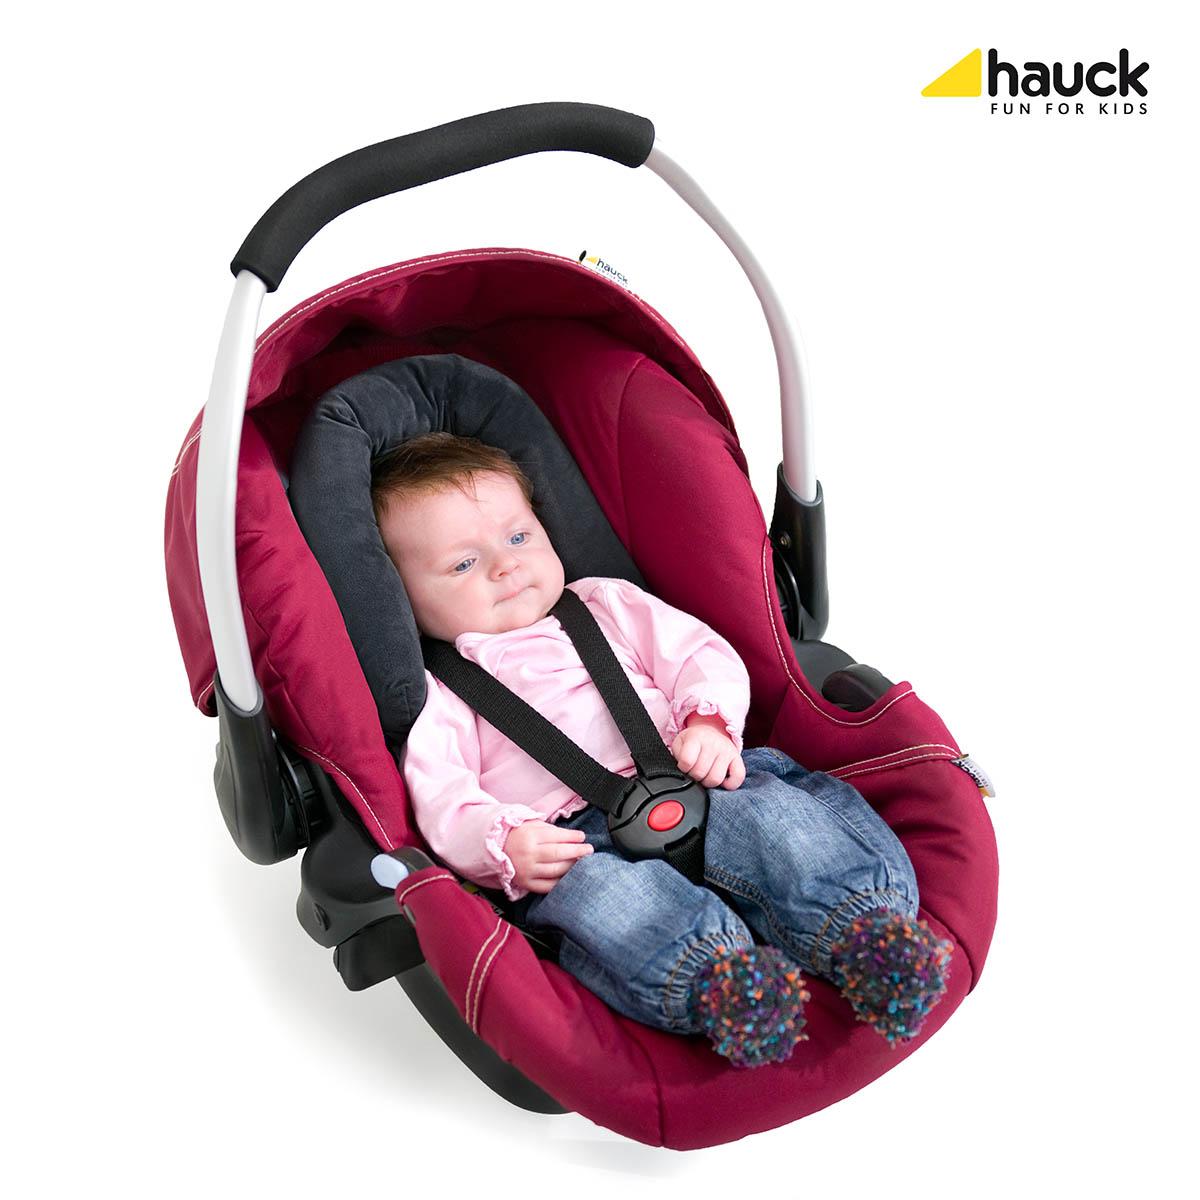 Hauck ieliktņi autosēdeklītim un sporta ratiem - Hug Me 2